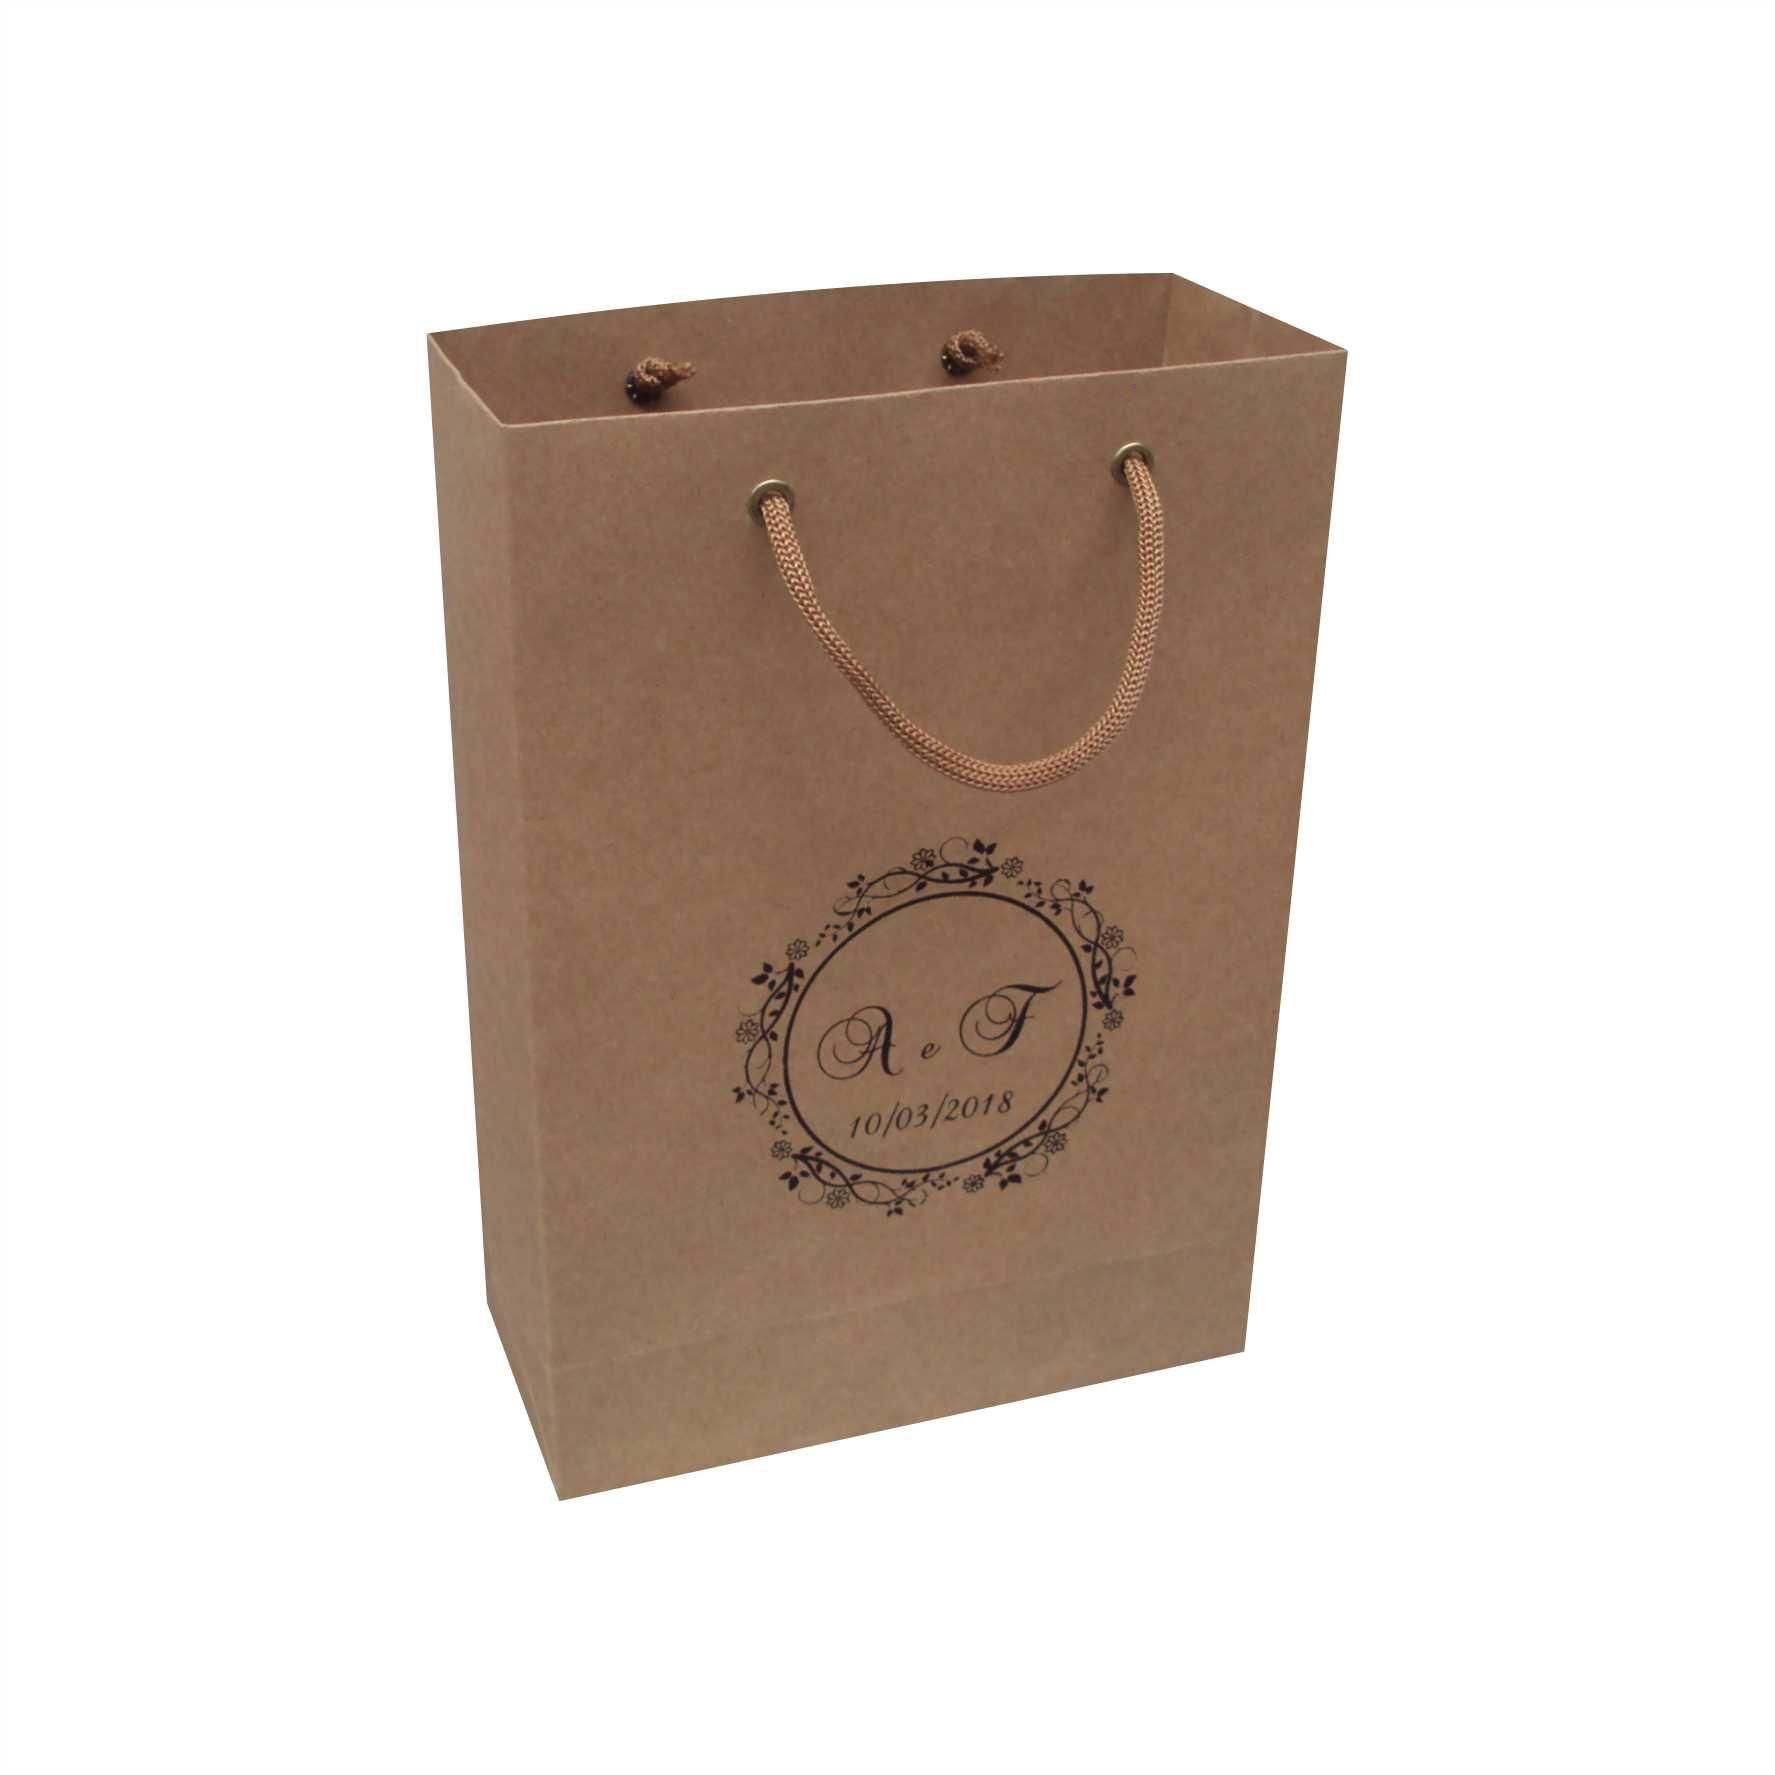 Sacola de  papel kraft personalizada  para lembrança de casamento (18x25x8 cm) 50 unidades